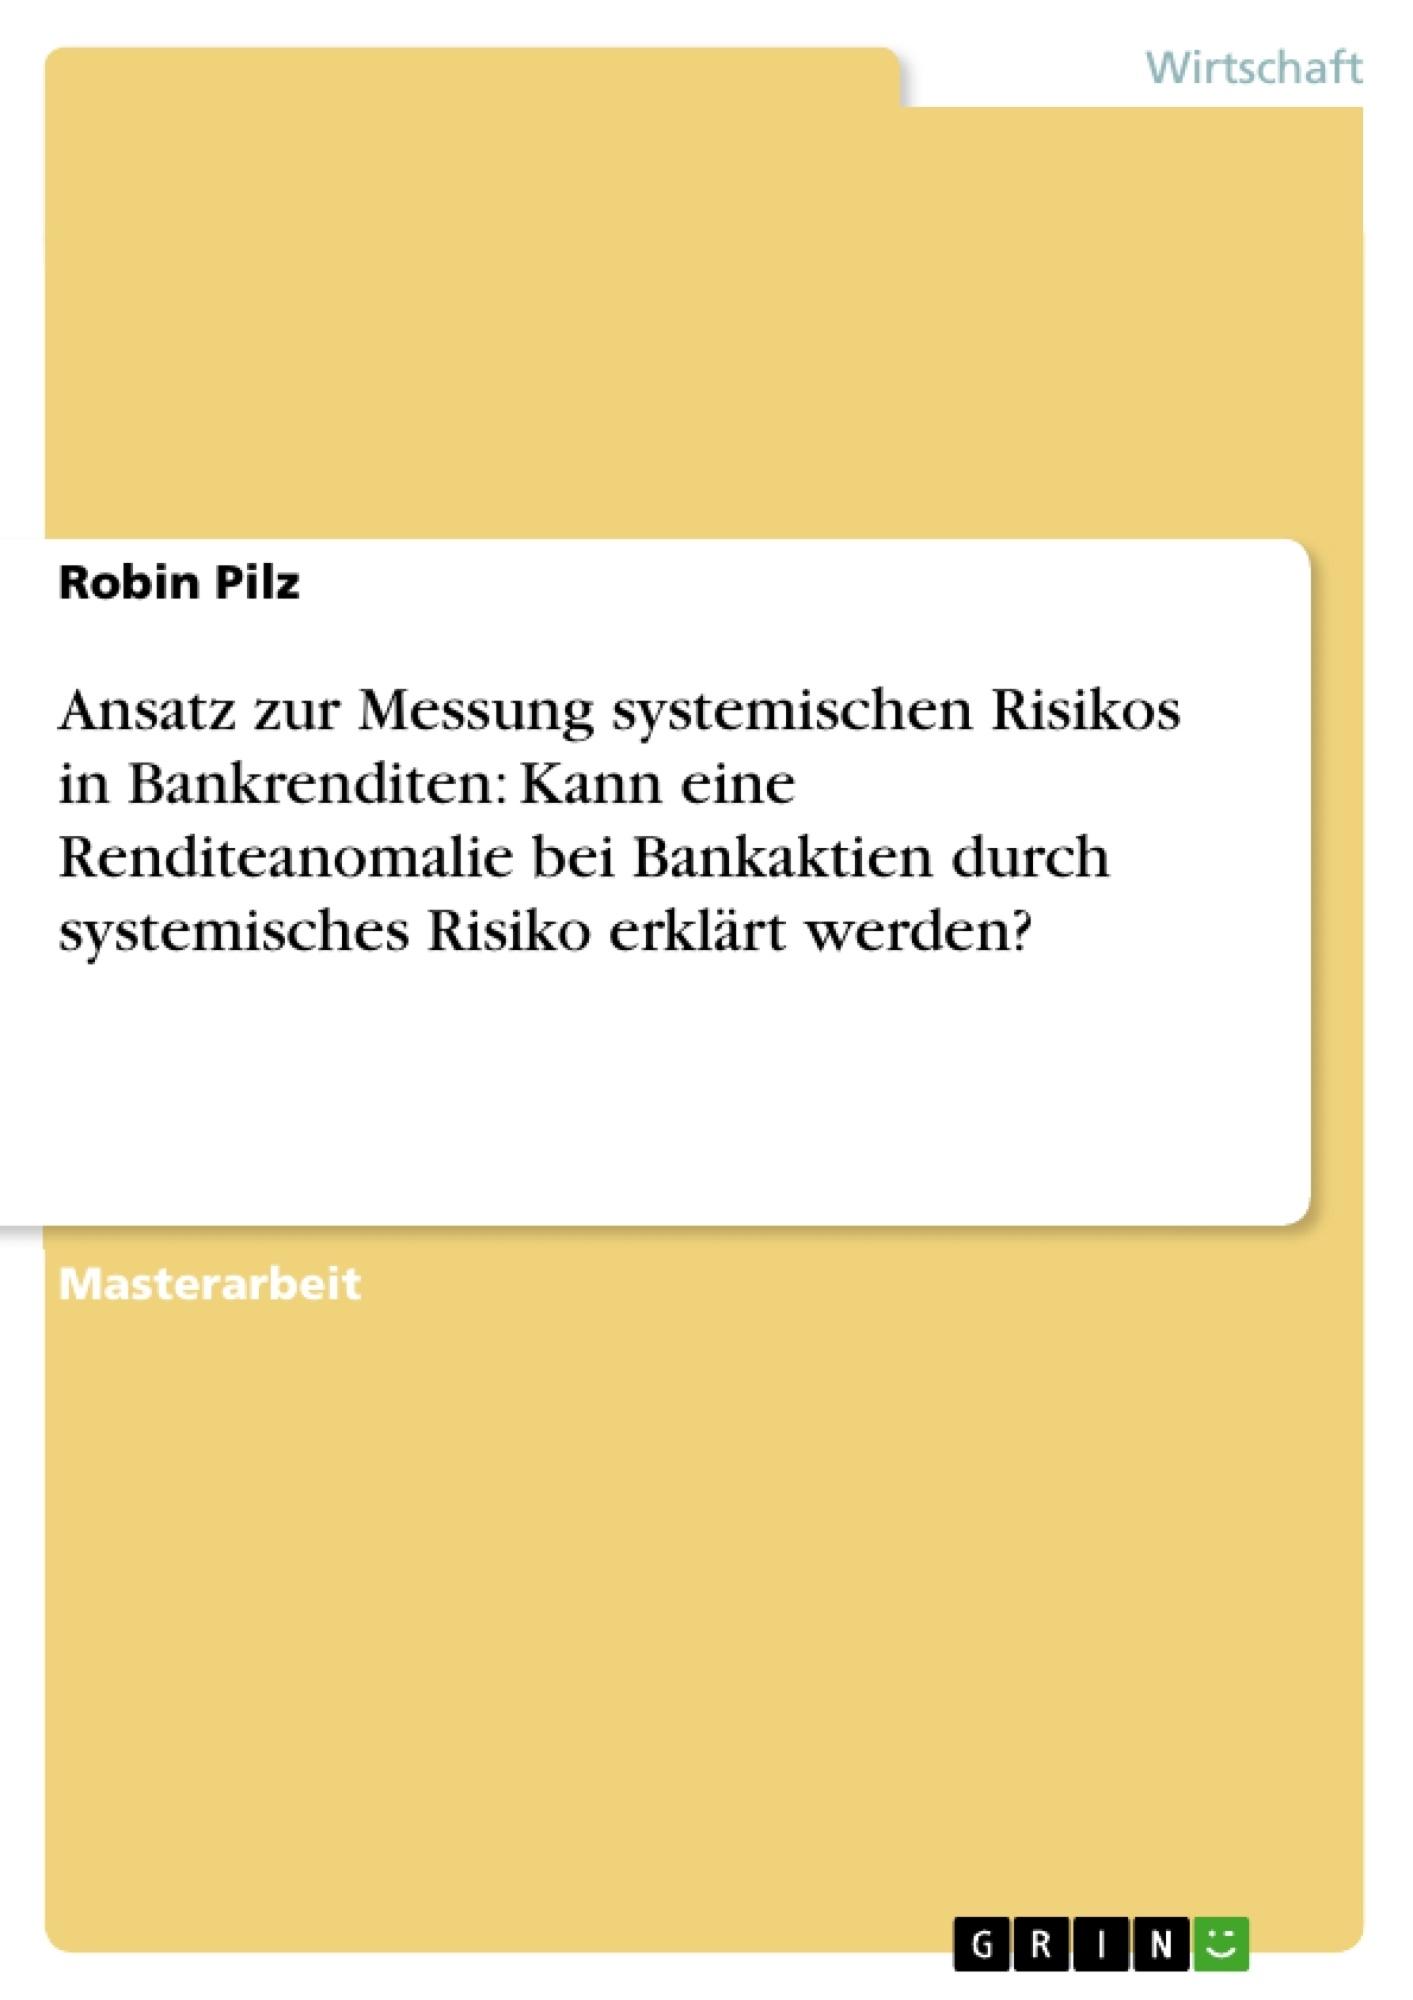 Titel: Ansatz zur Messung systemischen Risikos in Bankrenditen: Kann eine Renditeanomalie bei Bankaktien durch systemisches Risiko erklärt werden?